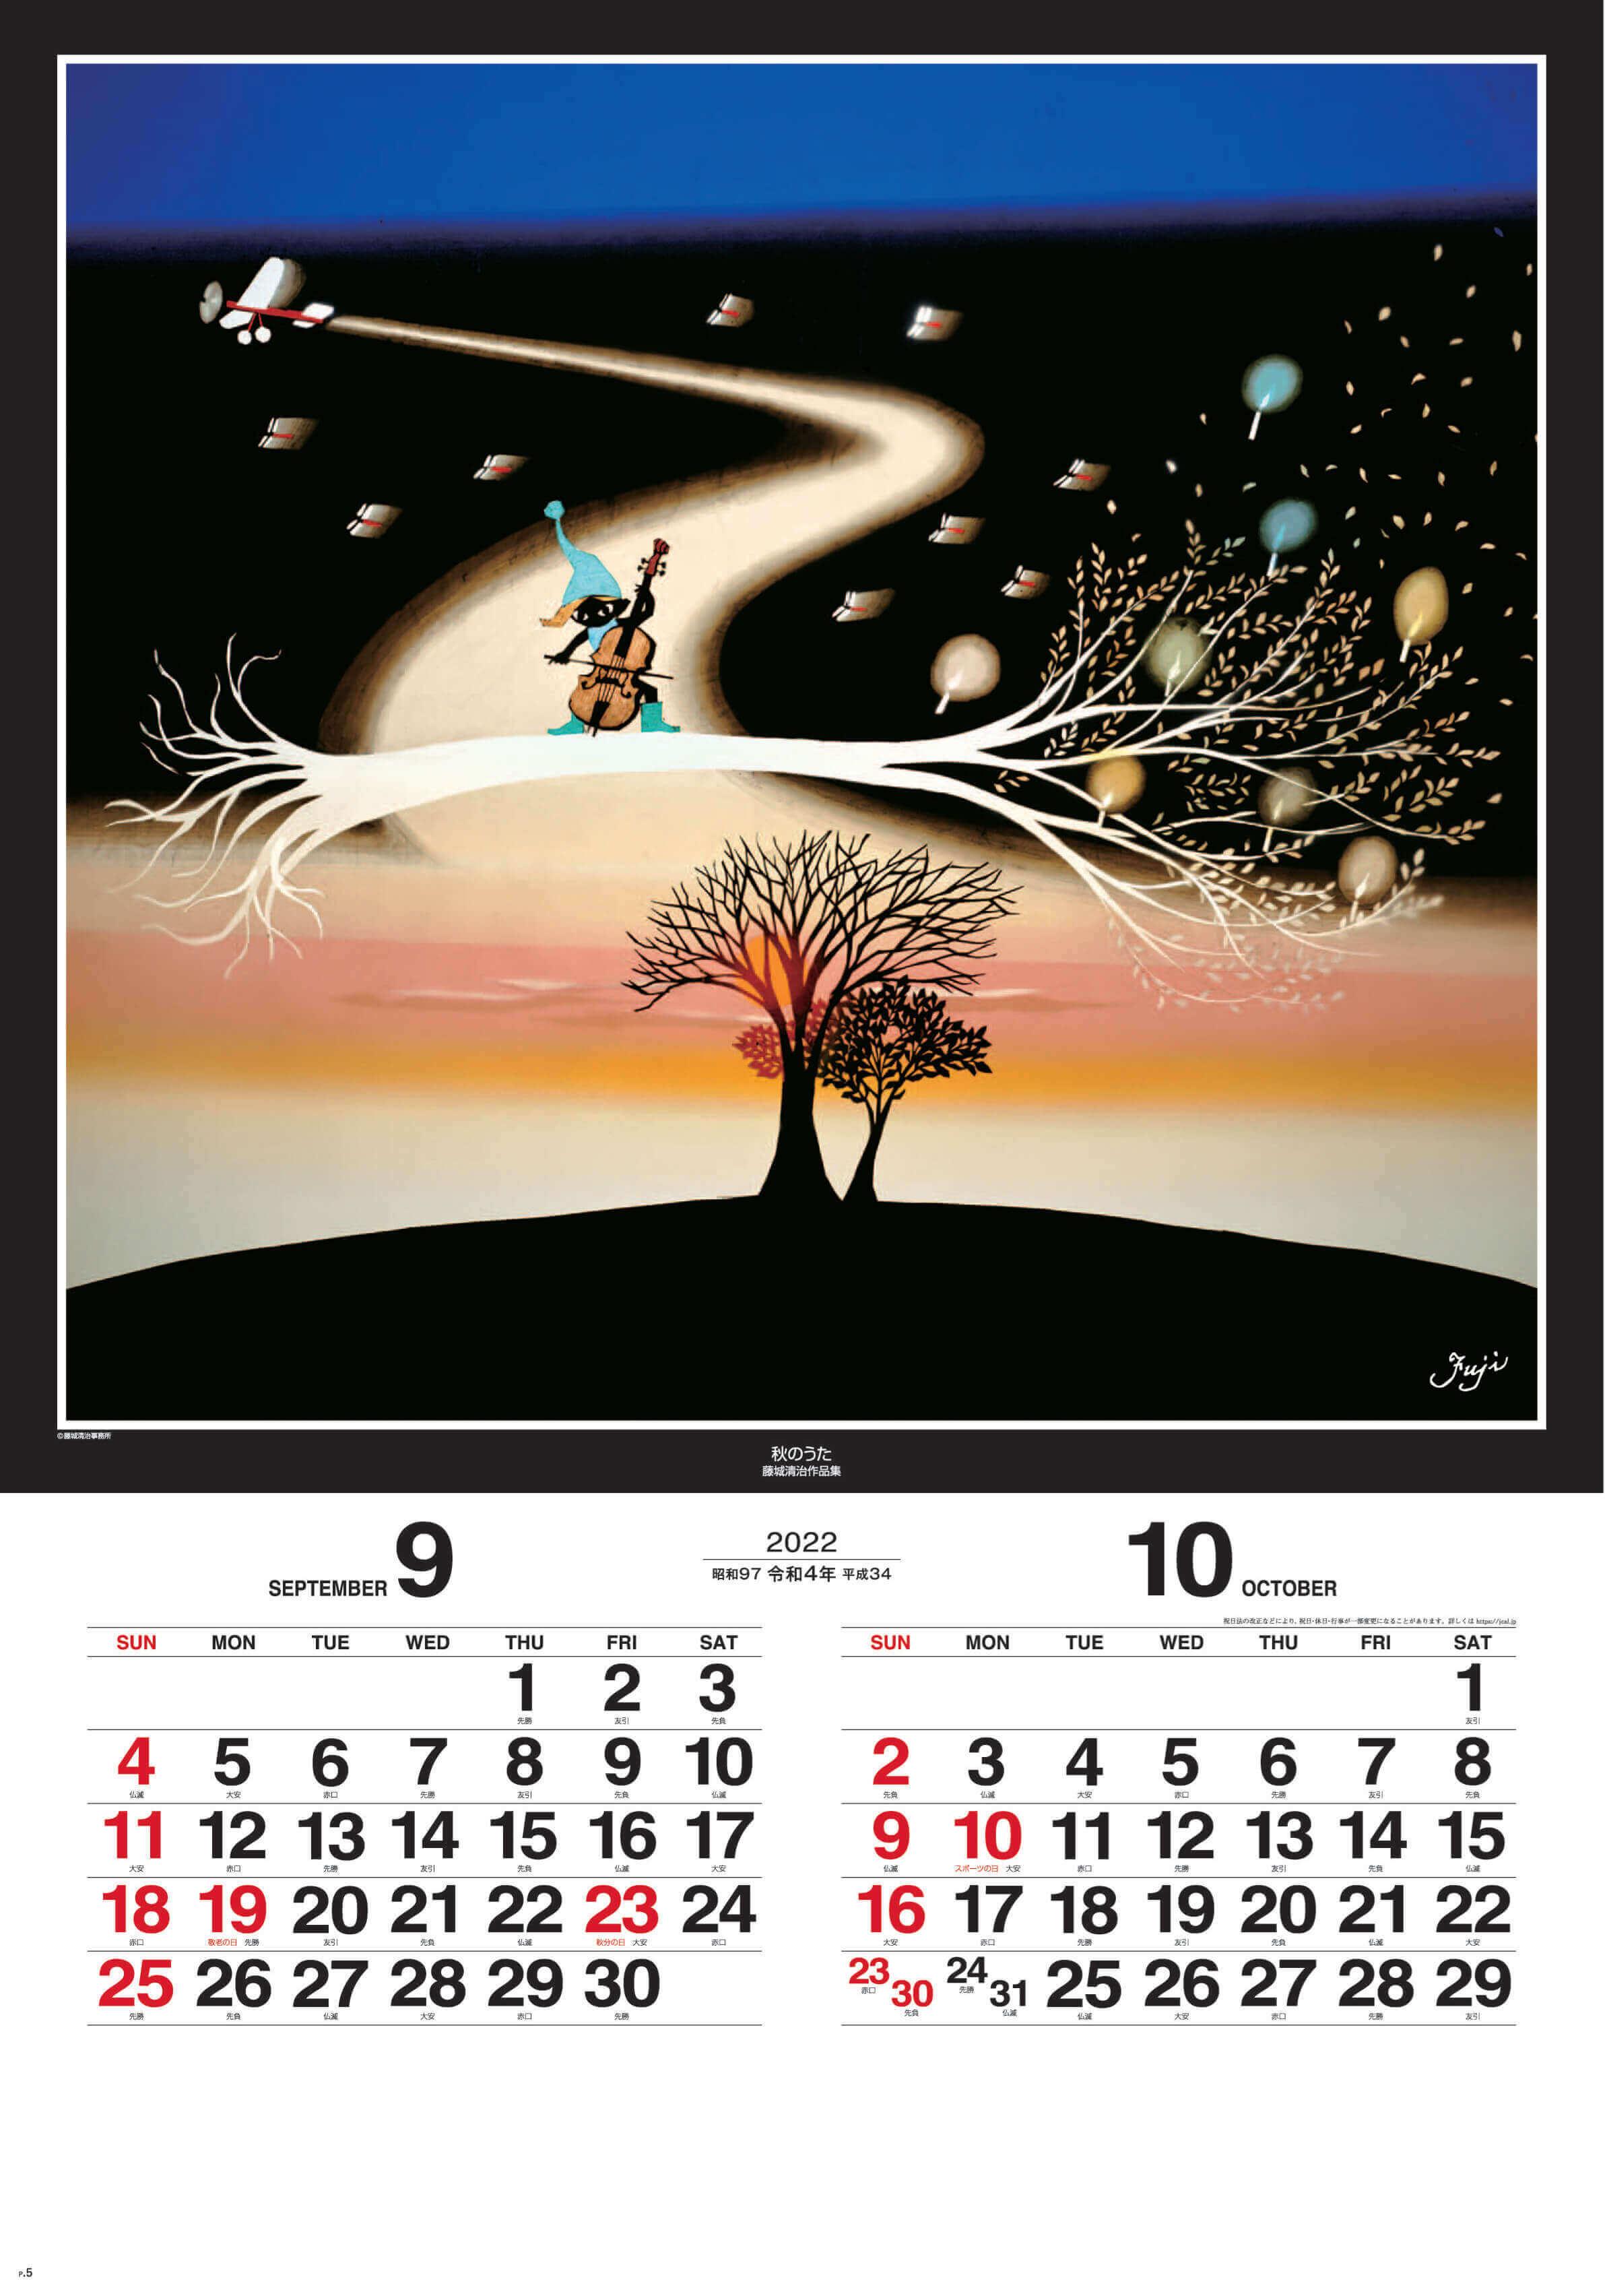 9-10月 秋のうた 遠い日の風景から(影絵)(フィルムカレンダー) 藤城清治 2022年カレンダーの画像